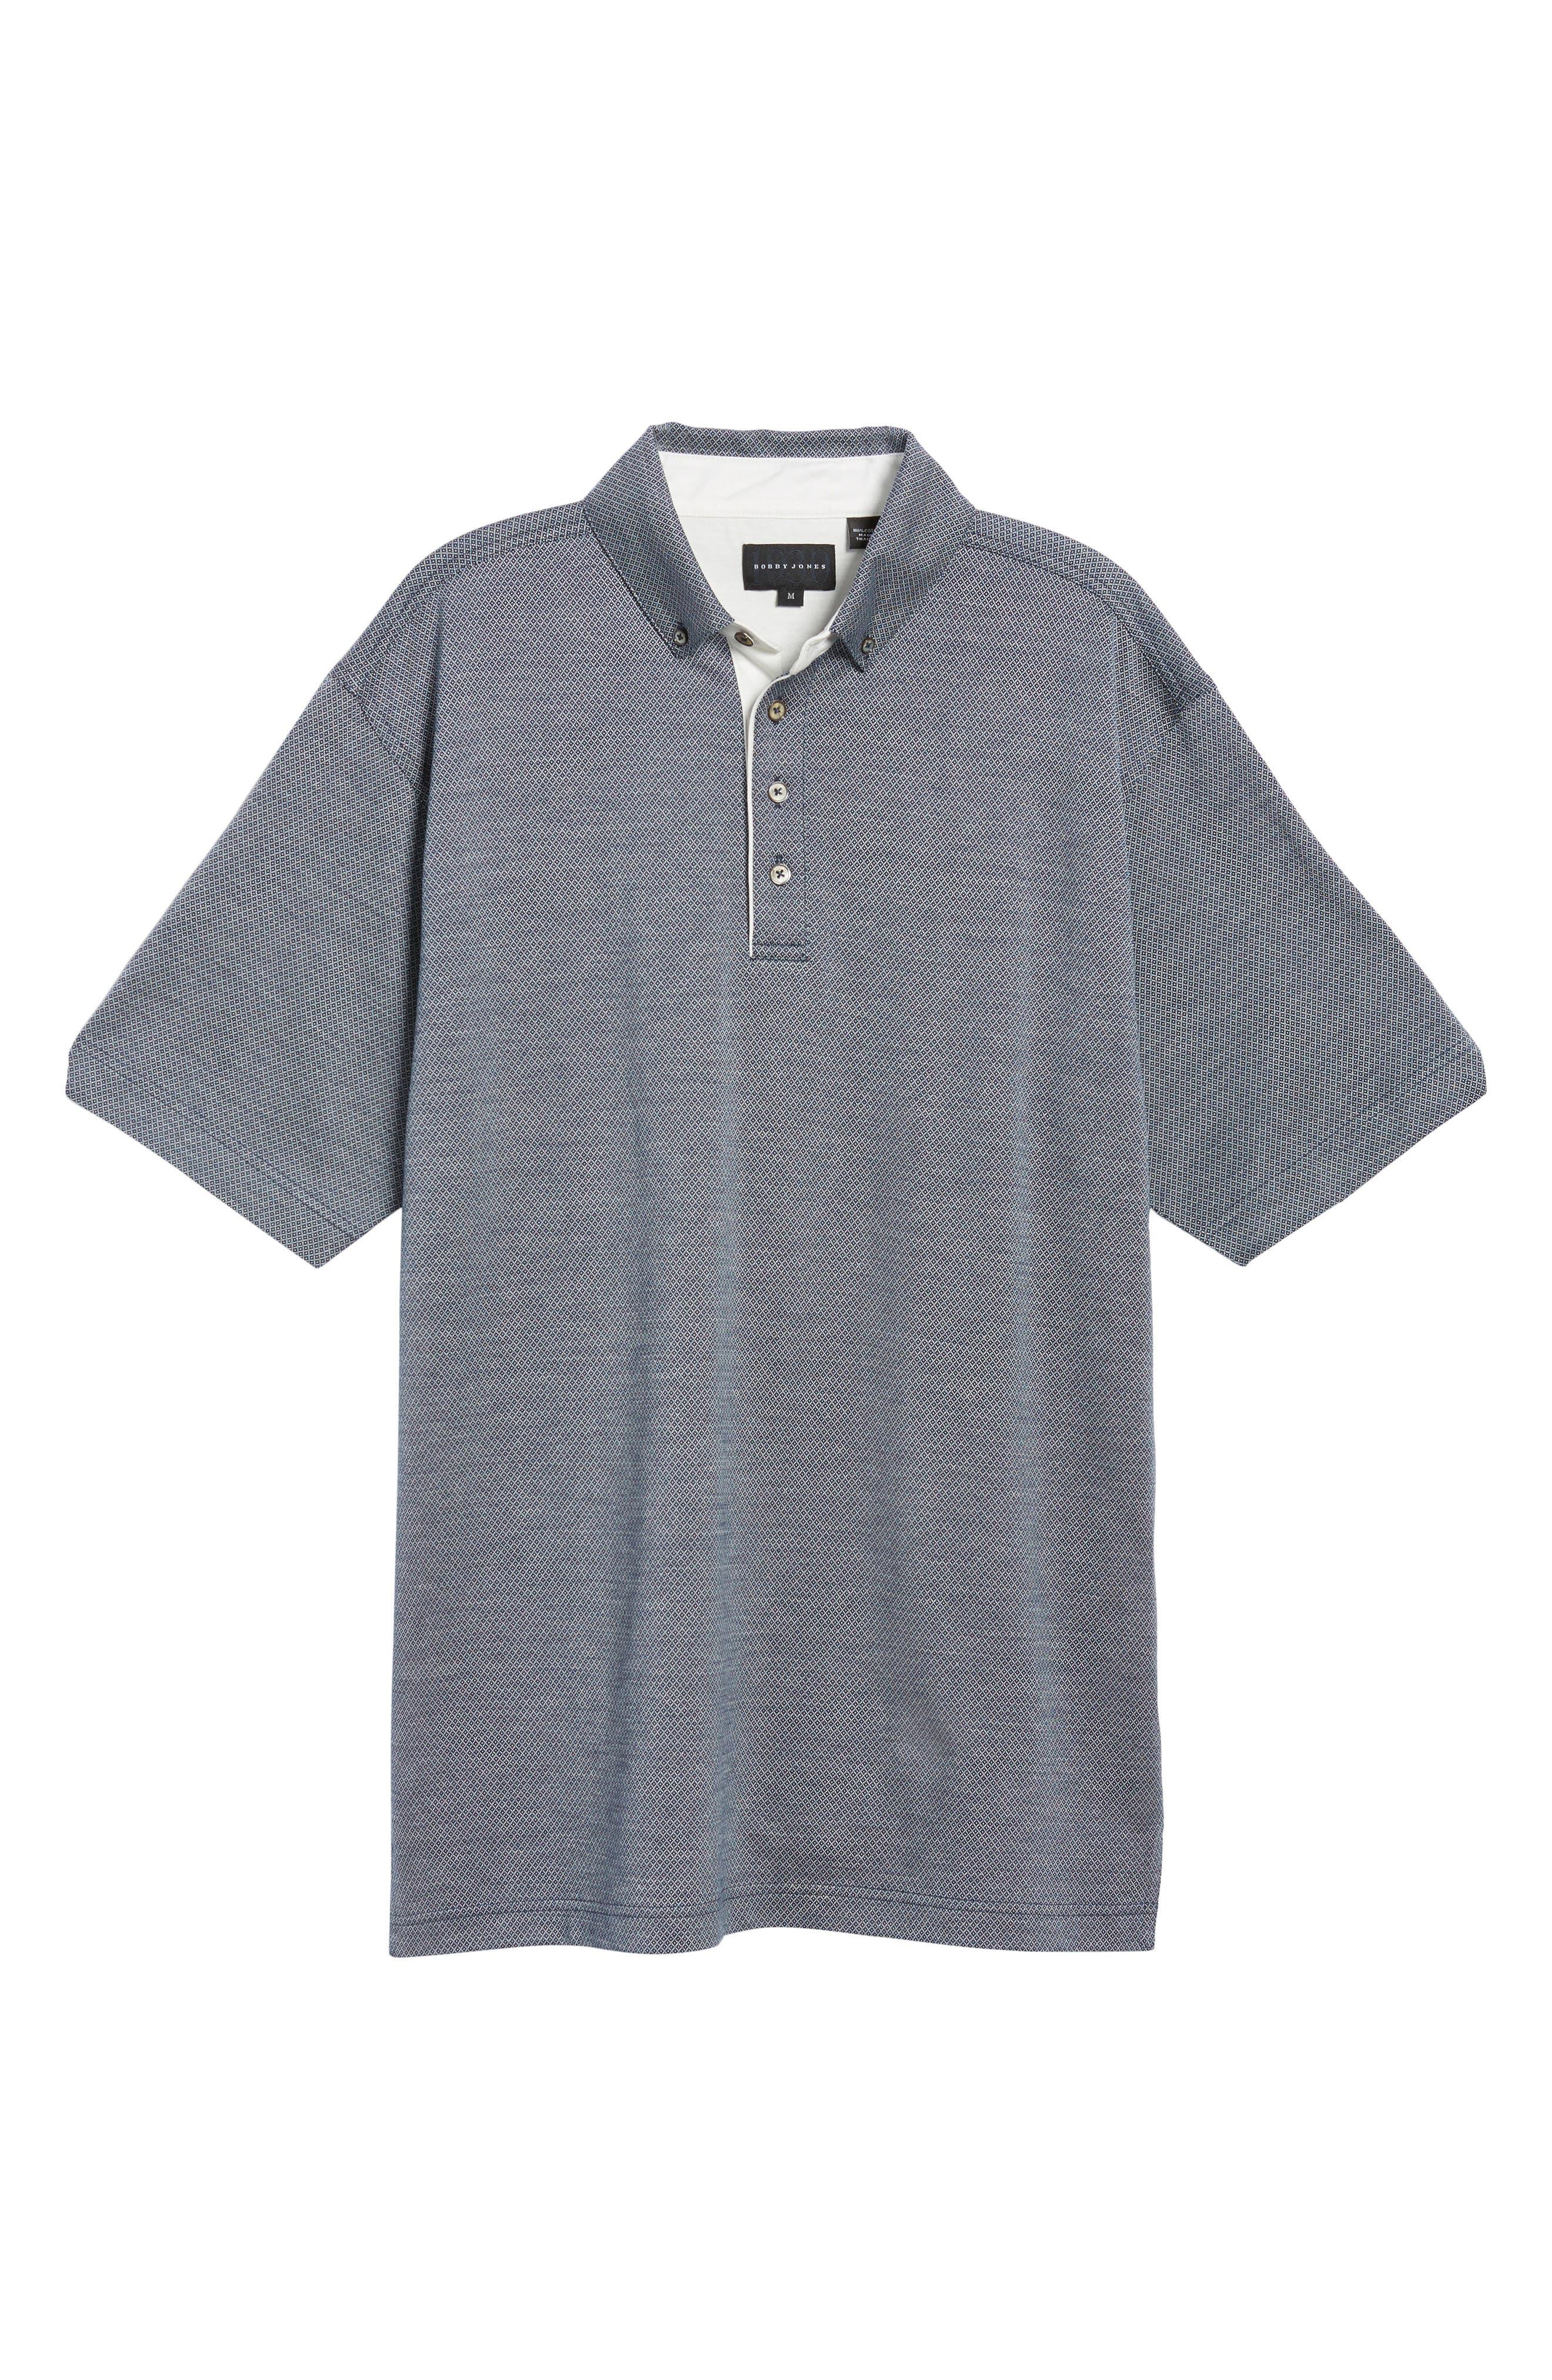 Mercerized Cotton Jacquard Polo,                             Alternate thumbnail 6, color,                             Navy